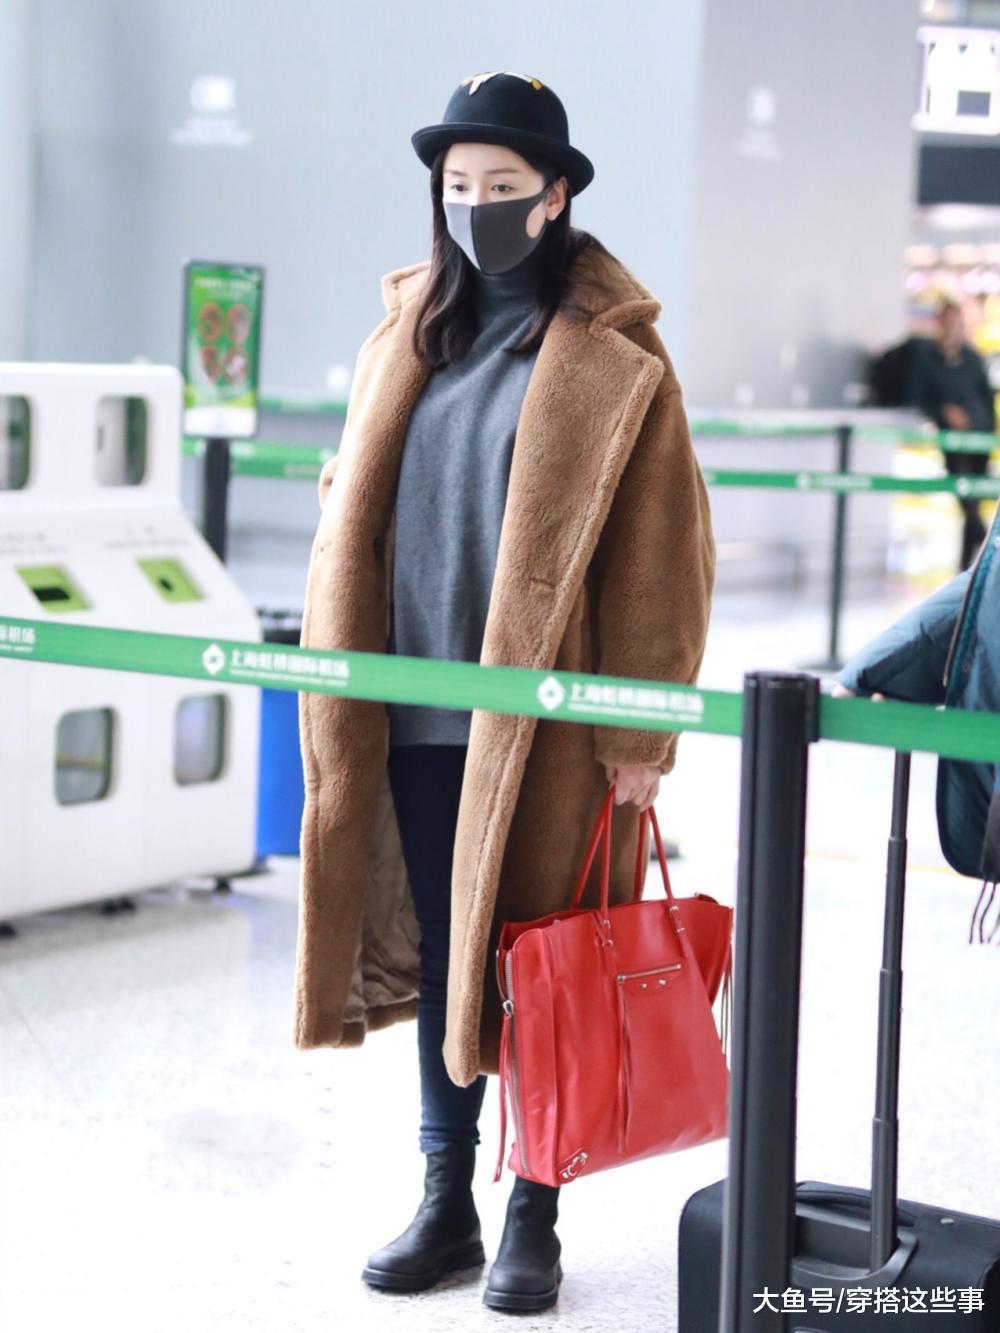 """黄圣依赶时髦, 穿""""爆款""""泰迪熊大衣走机场, 少女感爆棚!"""